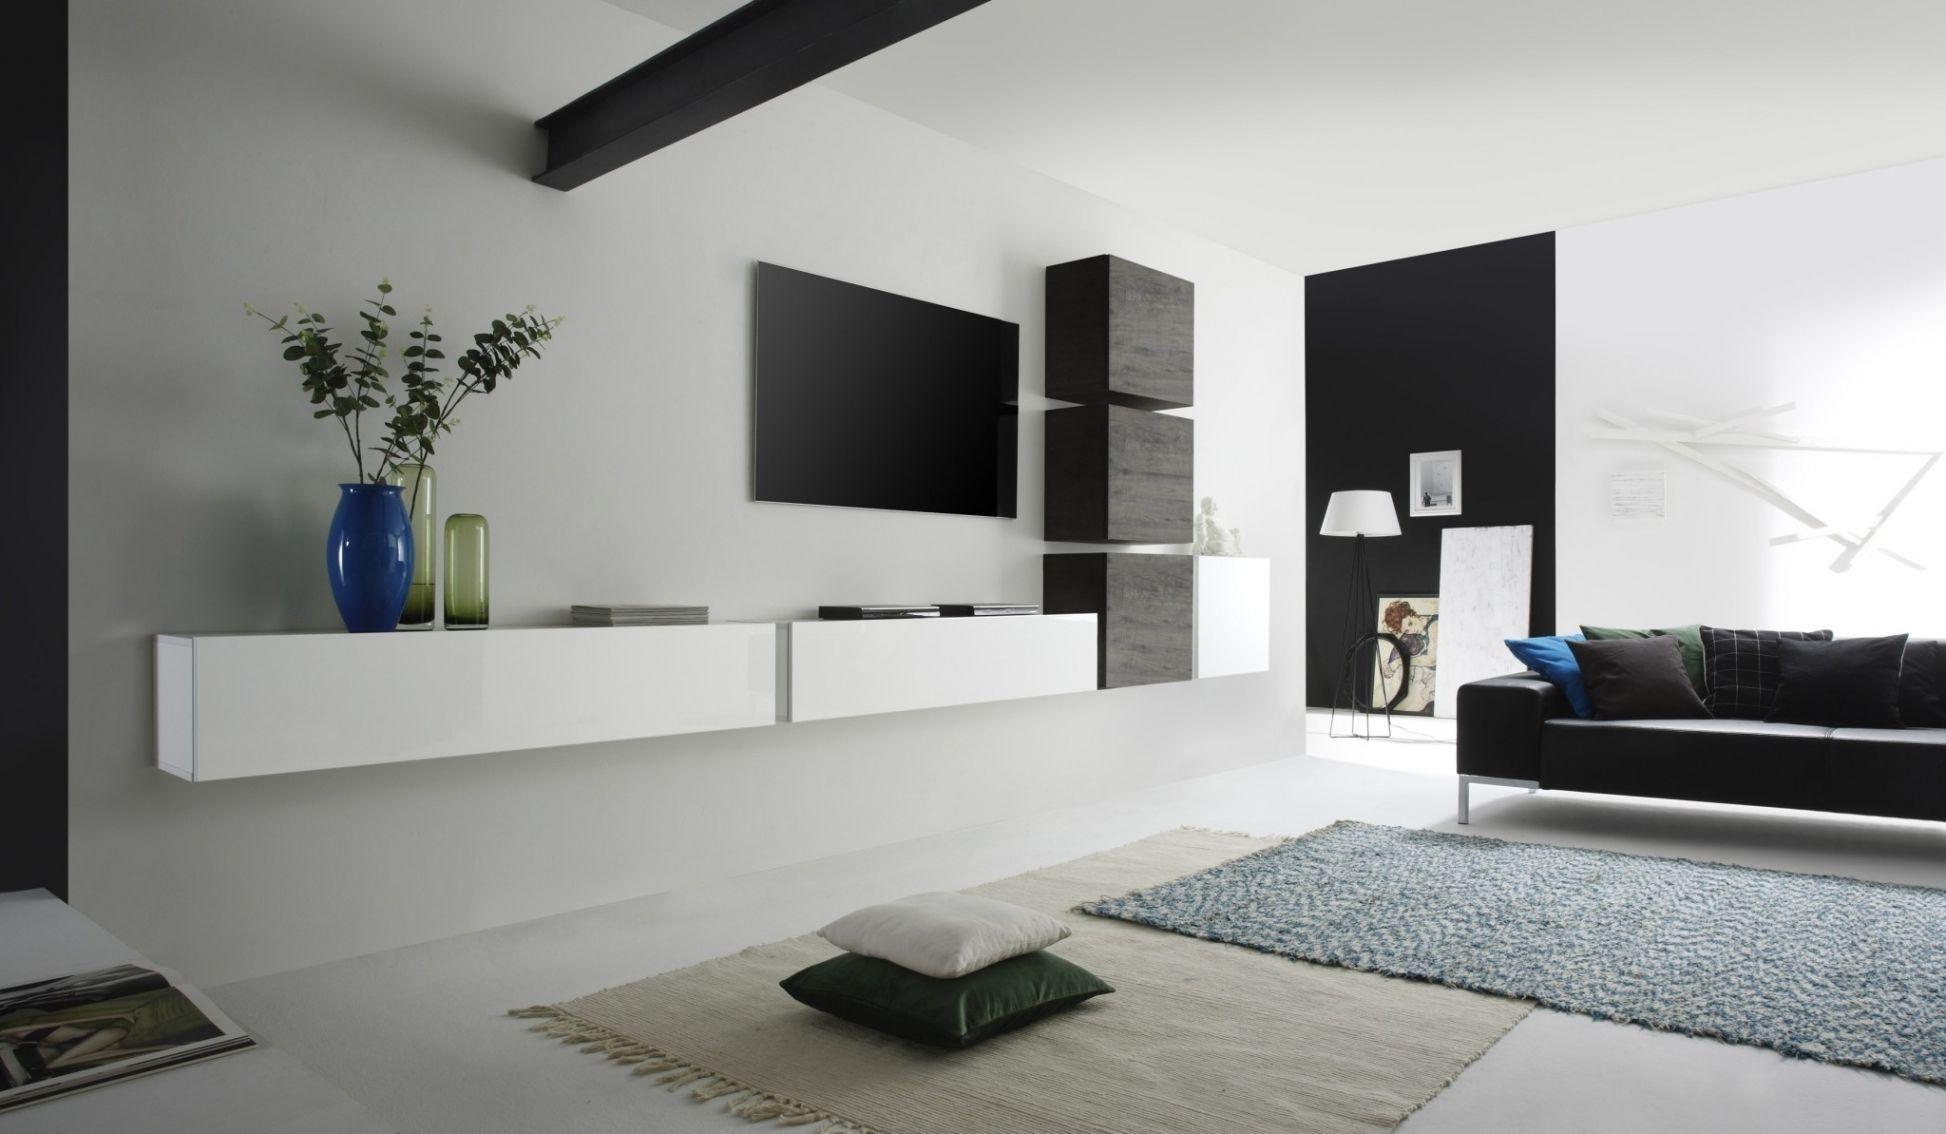 Luxus wohnwand modern design wohnzimmer ideen pinterest